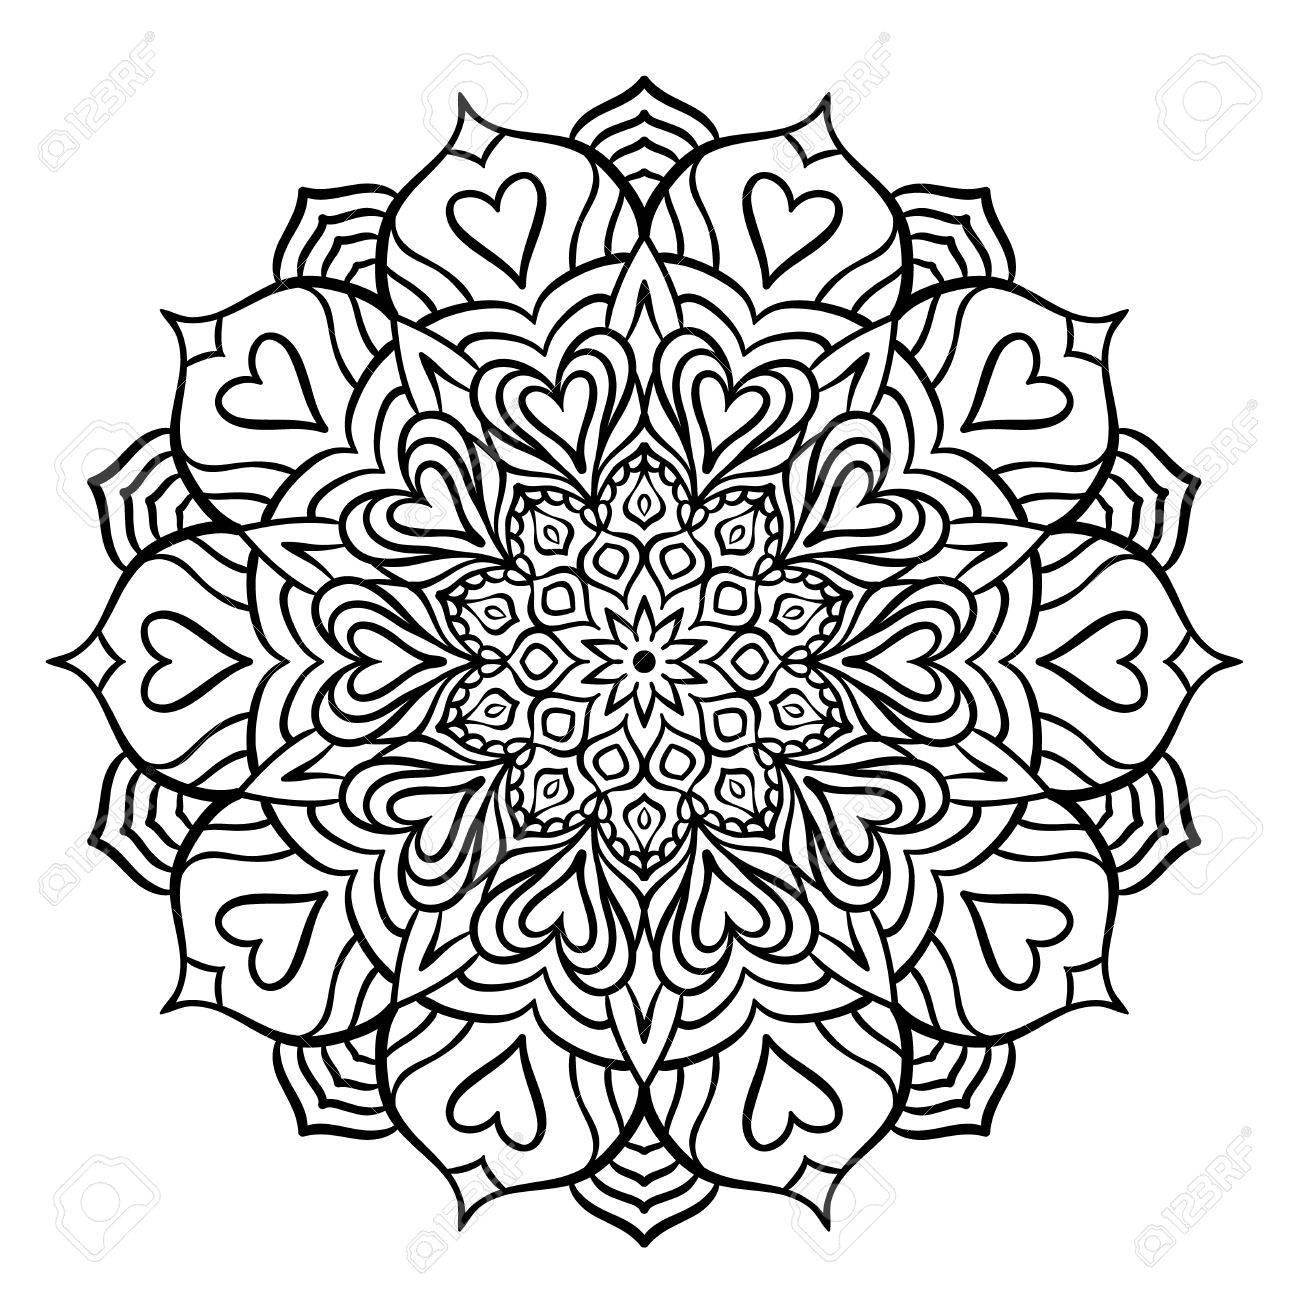 Schwarz Mandala Mit Herzen Für Die Färbung. Line-Mandala Auf Weißem ...